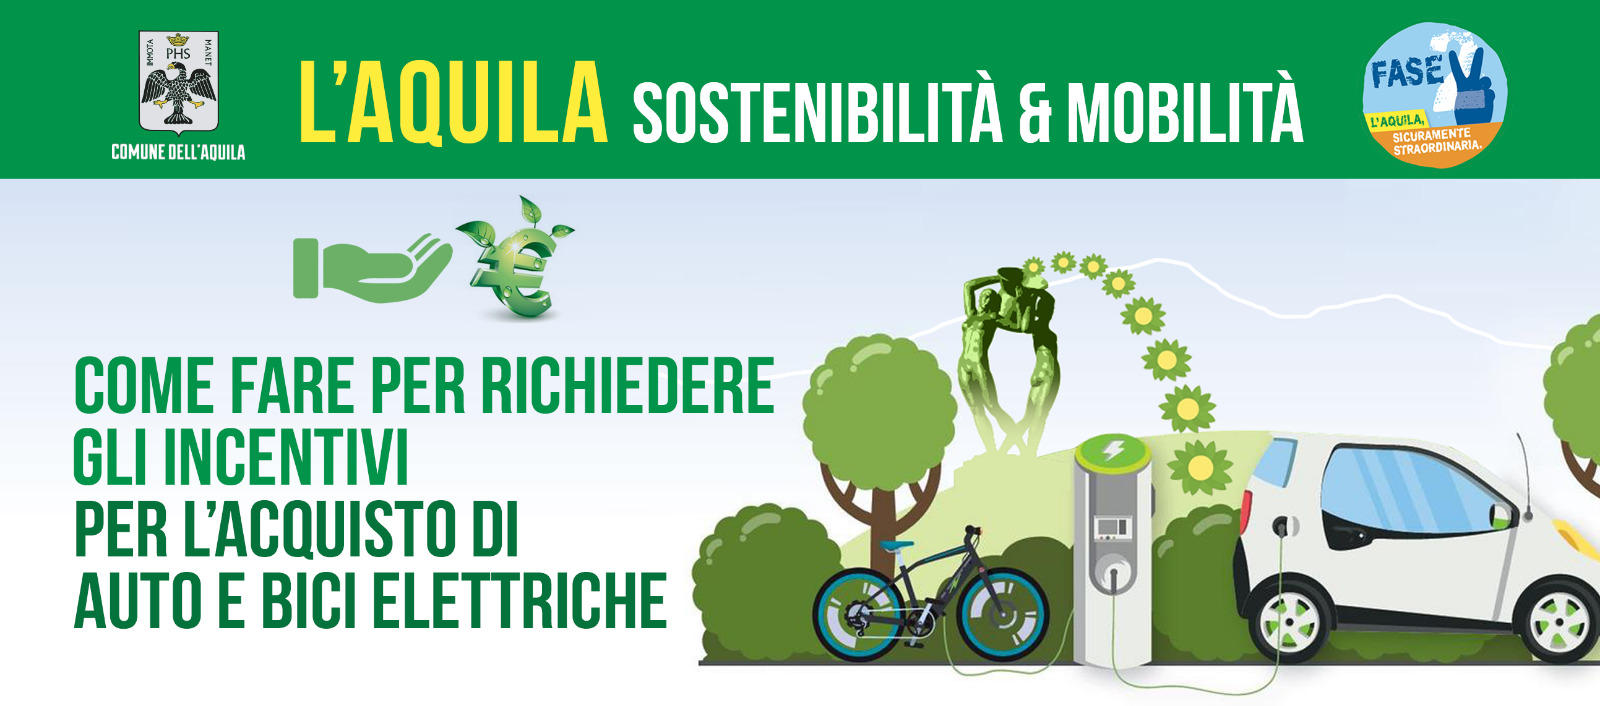 La città ecologica Mobilità sostenibile